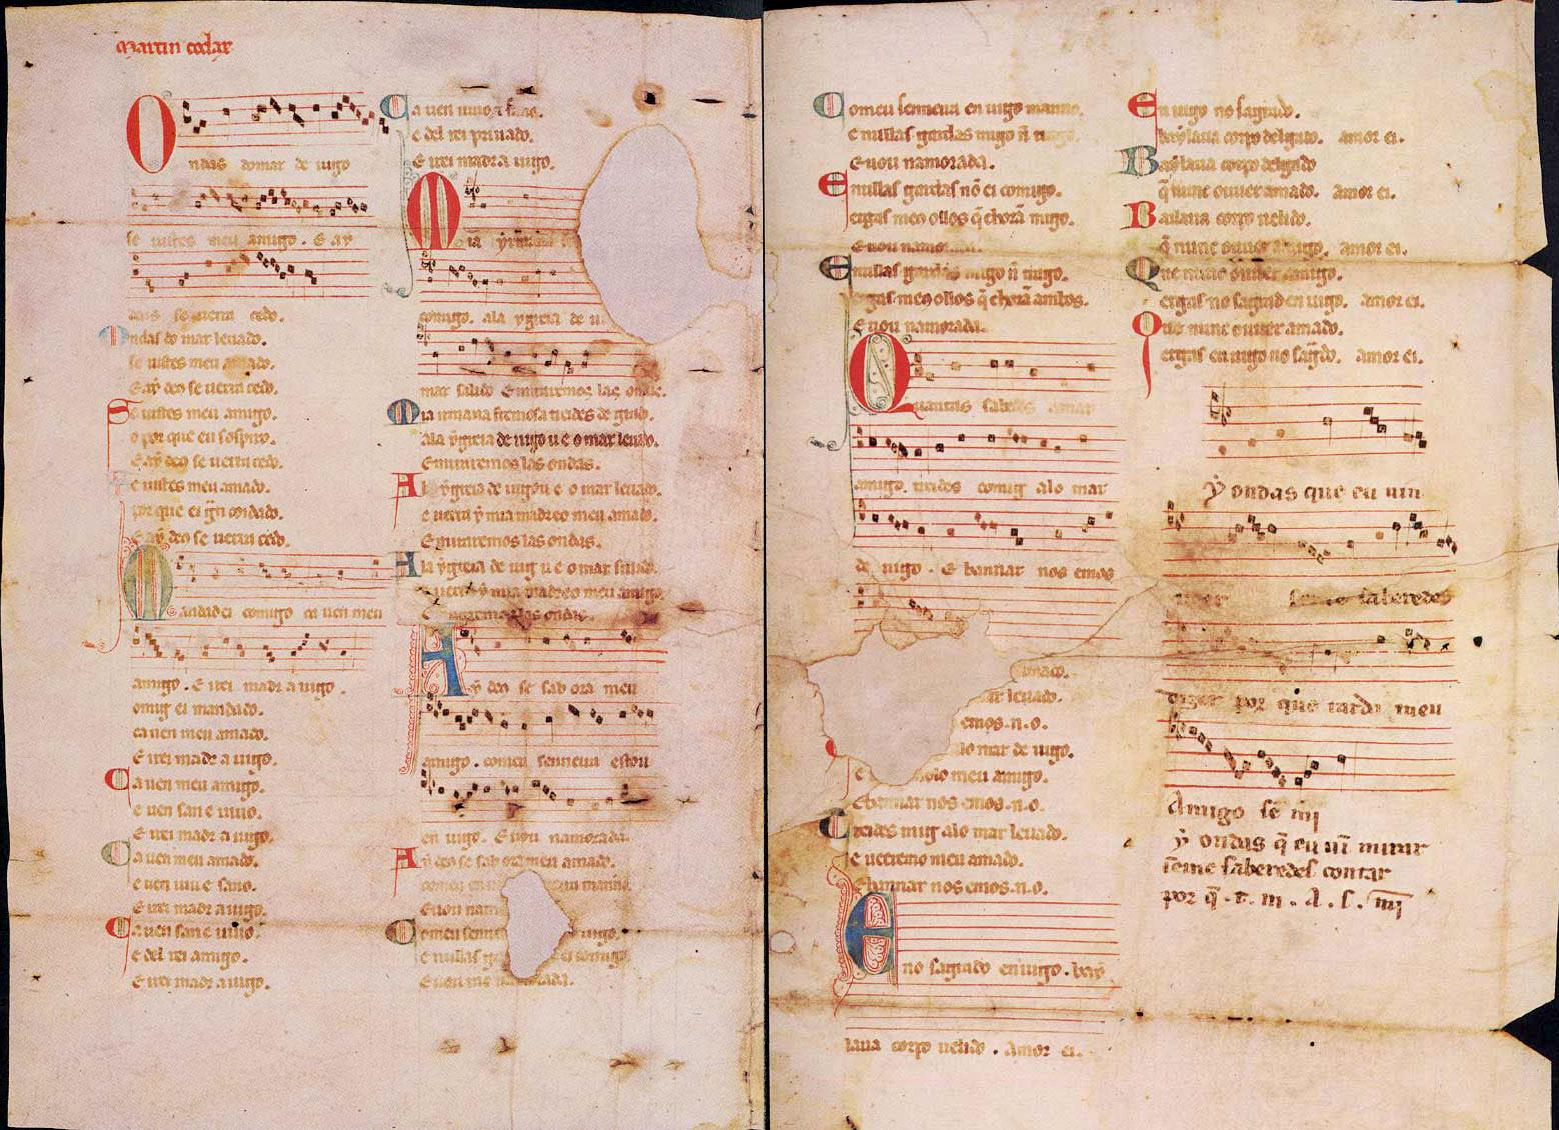 Cantigas de Amigo, pergaminho de Vindel (Ms. 979, Biblioteca de Pierpoint Morgan, Nova Iorque)